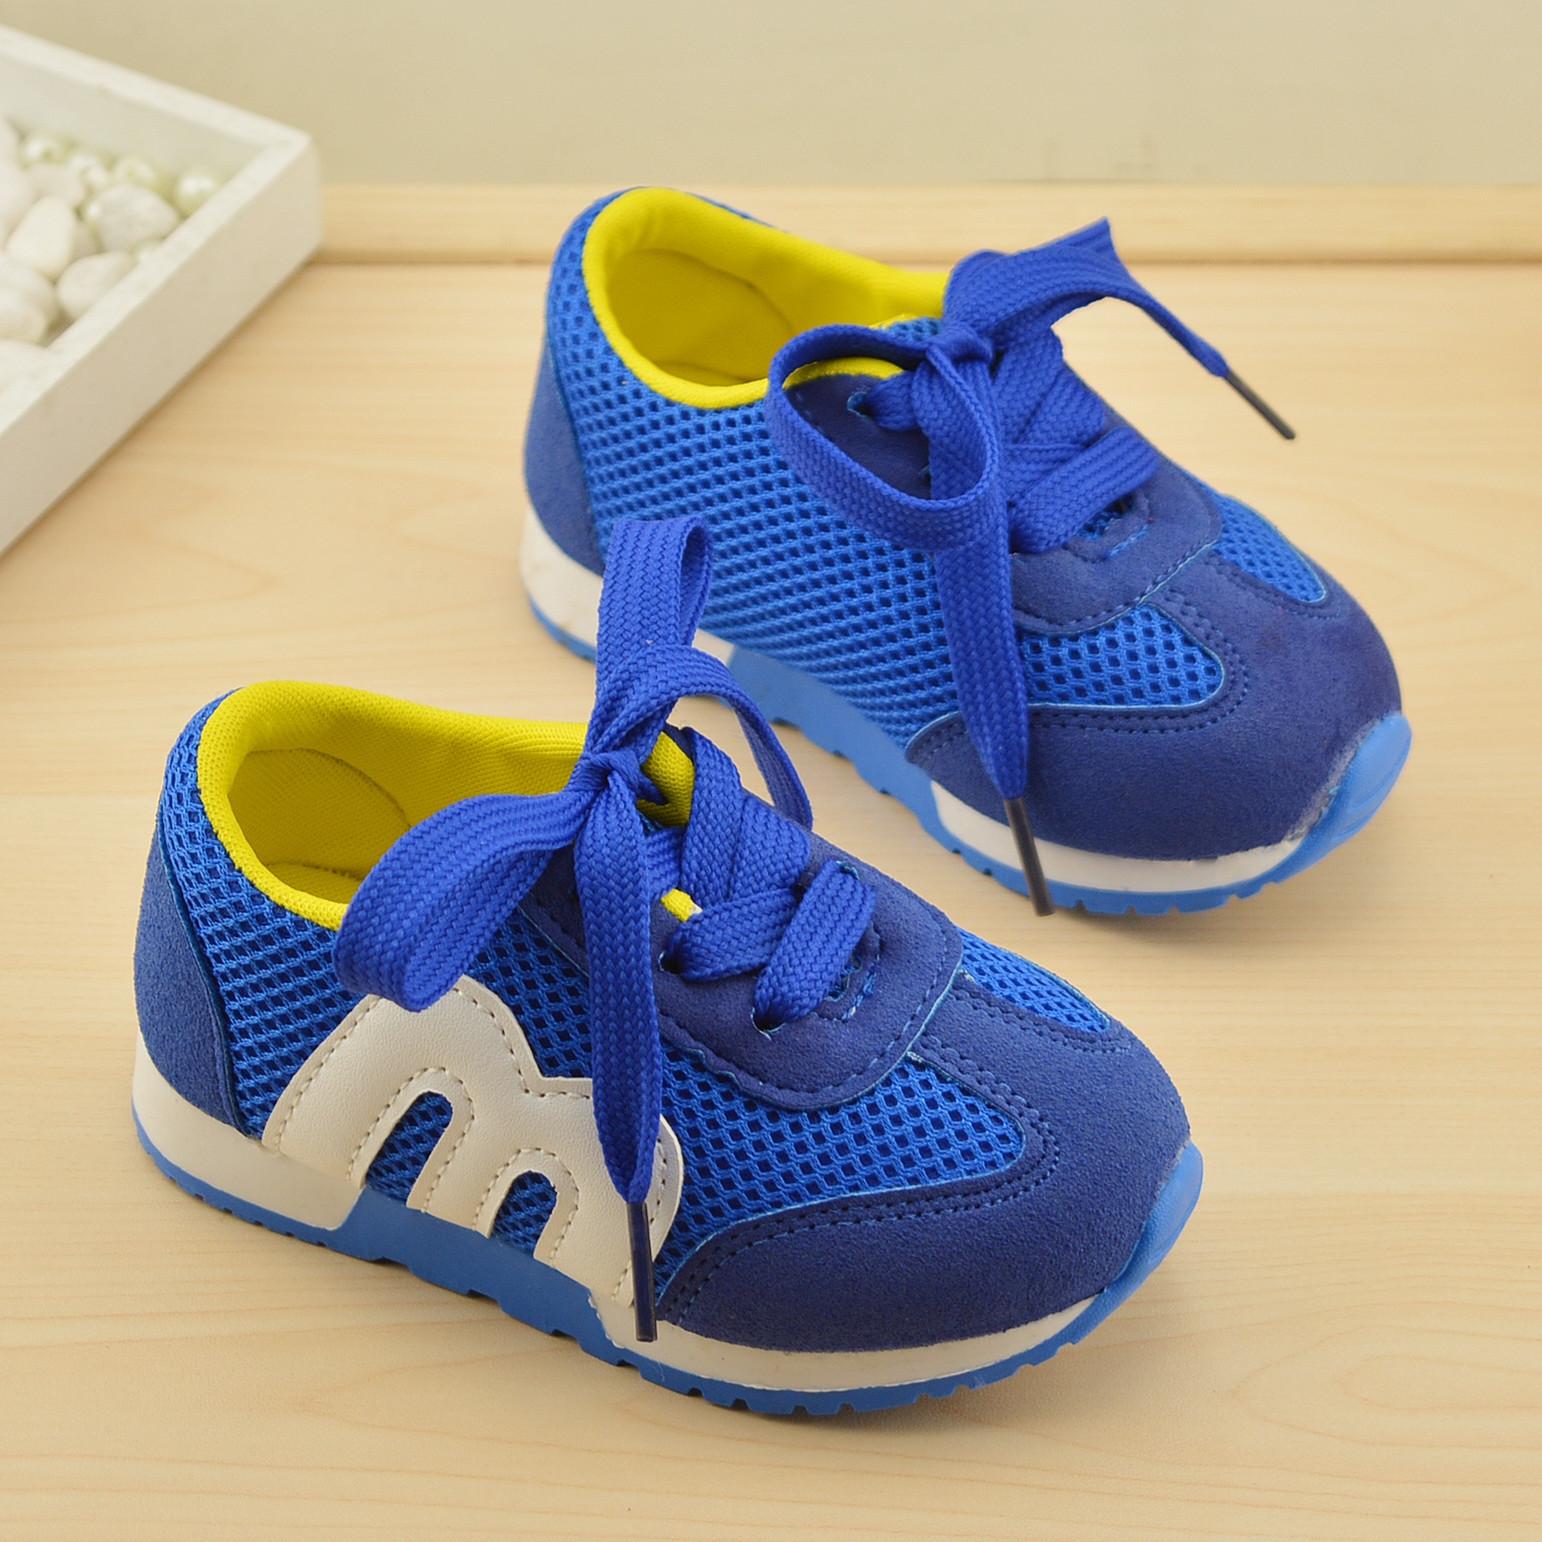 รองเท้าเด็ก พื้นยางกันลื่น รองเท้าแฟชั่นเกาหลี รองเท้ากีฬาเด็ก สไตล์สปอร์ต M รองเท้าเด็กชาย รองเท้าเด็กหญิง รองเท้าเด็กเล็ก อายุ 1 - 4 ขวบ พร้อมส่ง